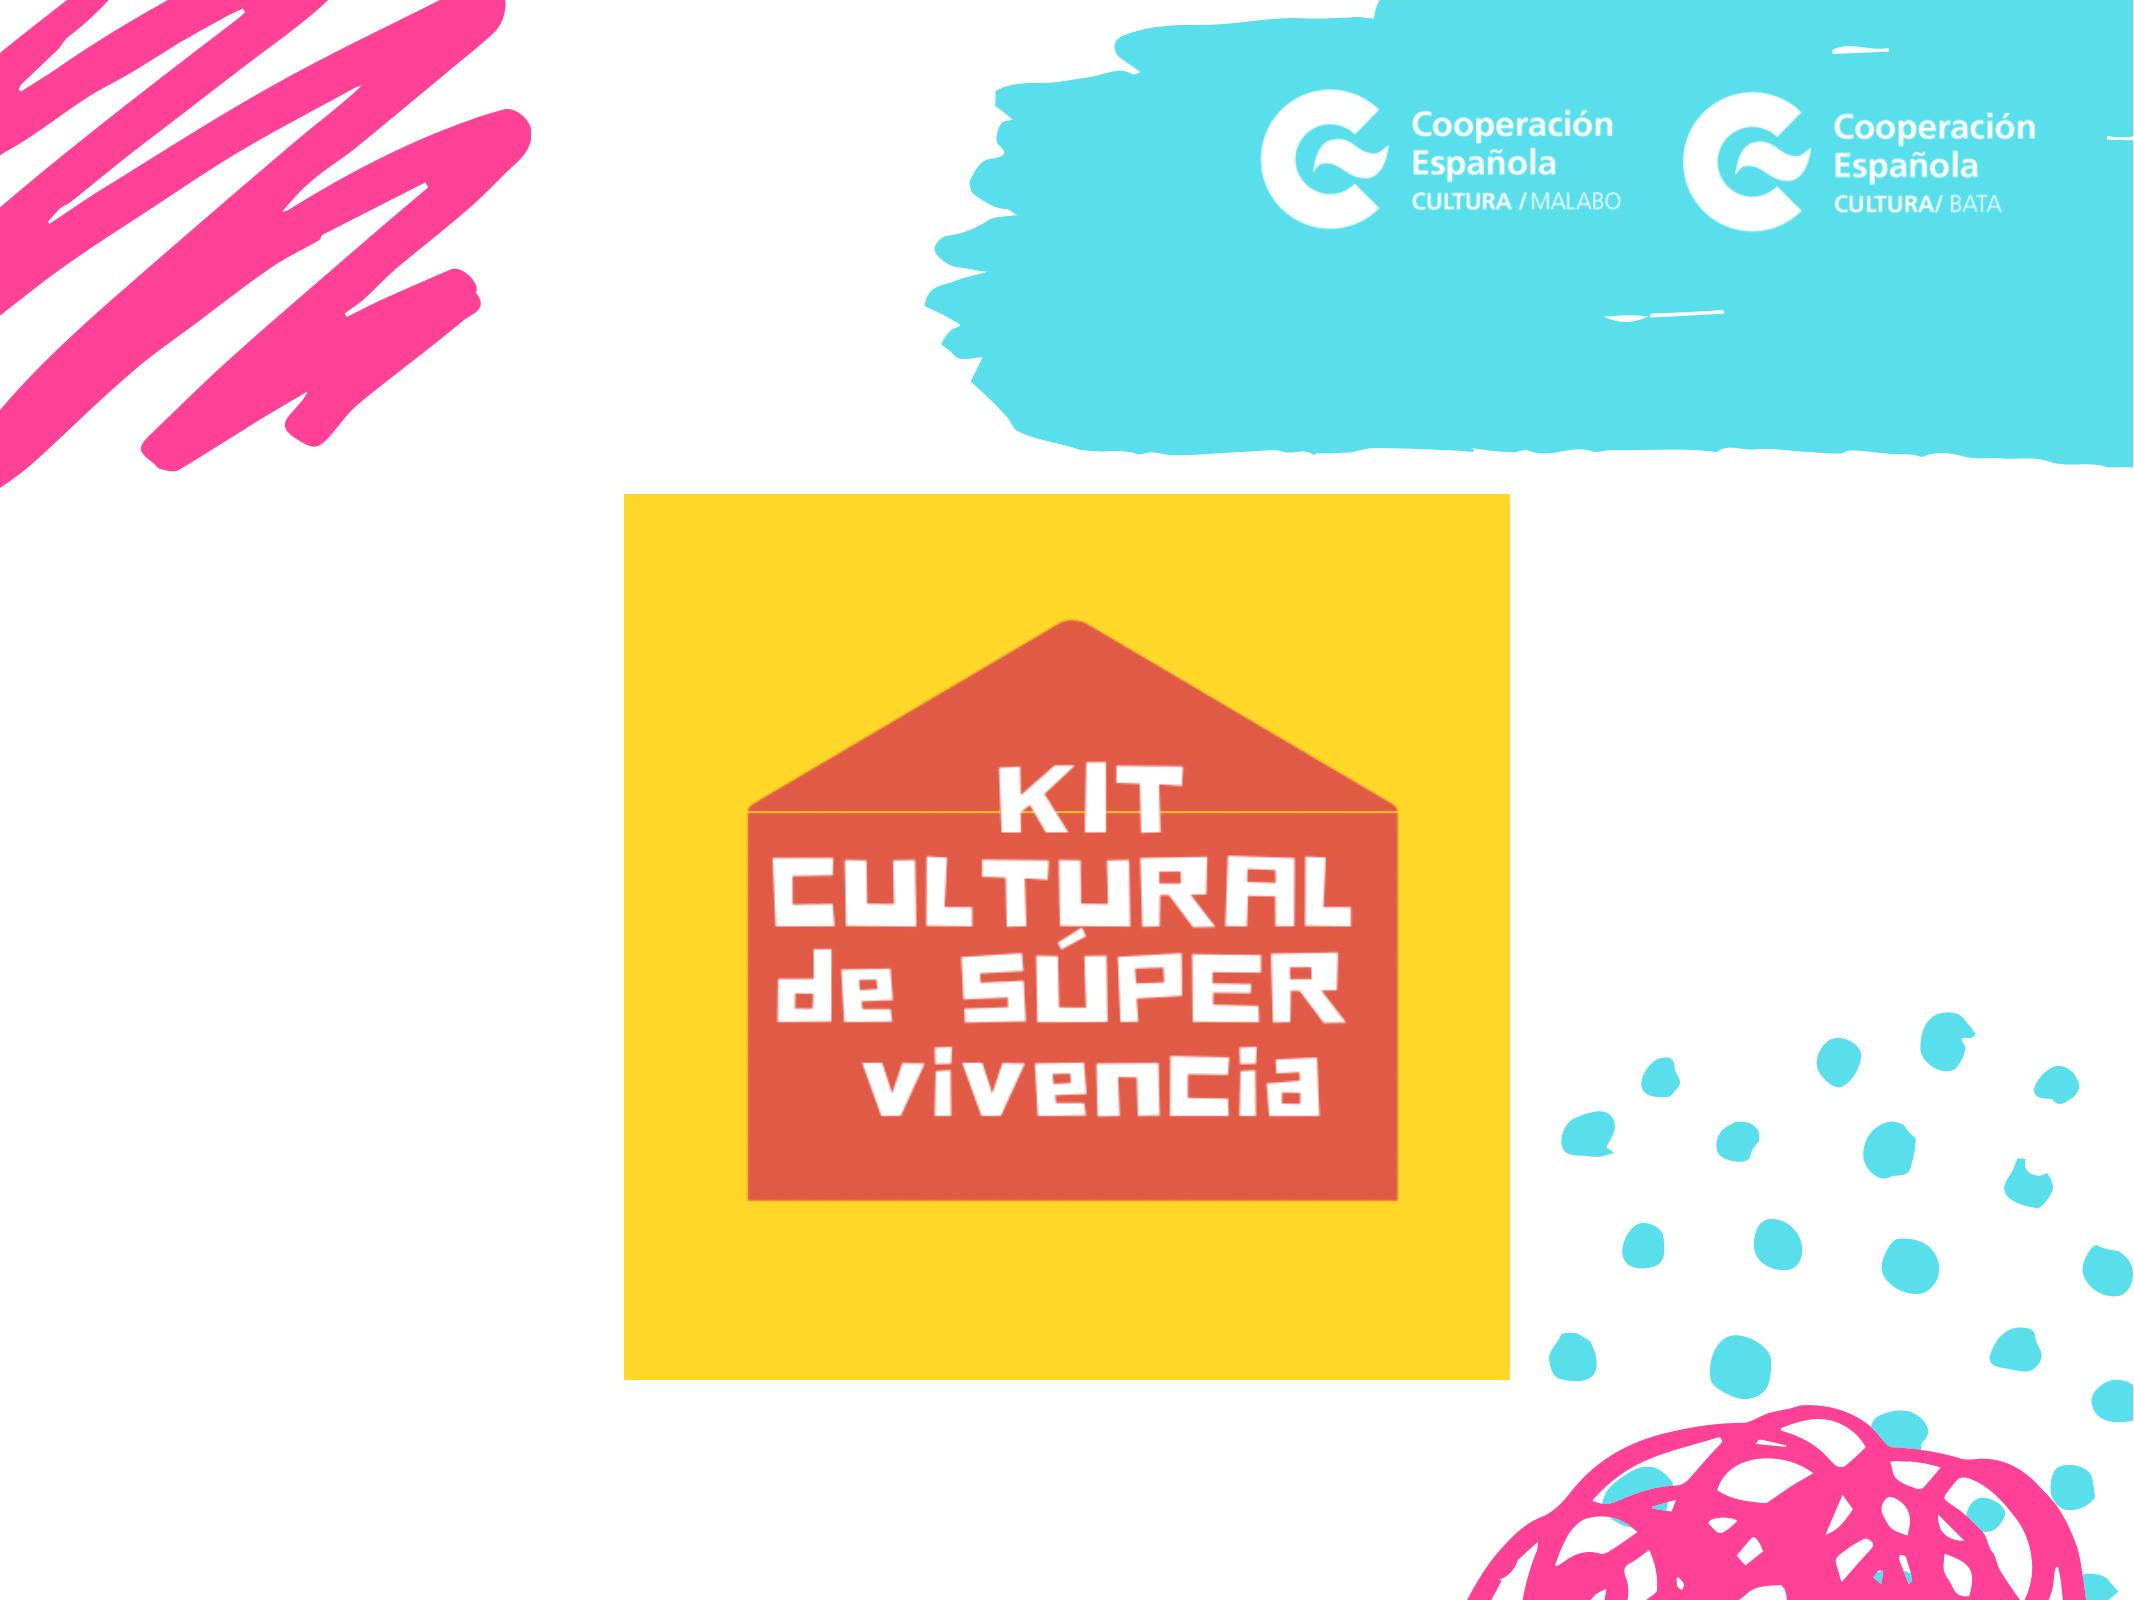 Kit-de-SÚPER-vivencia